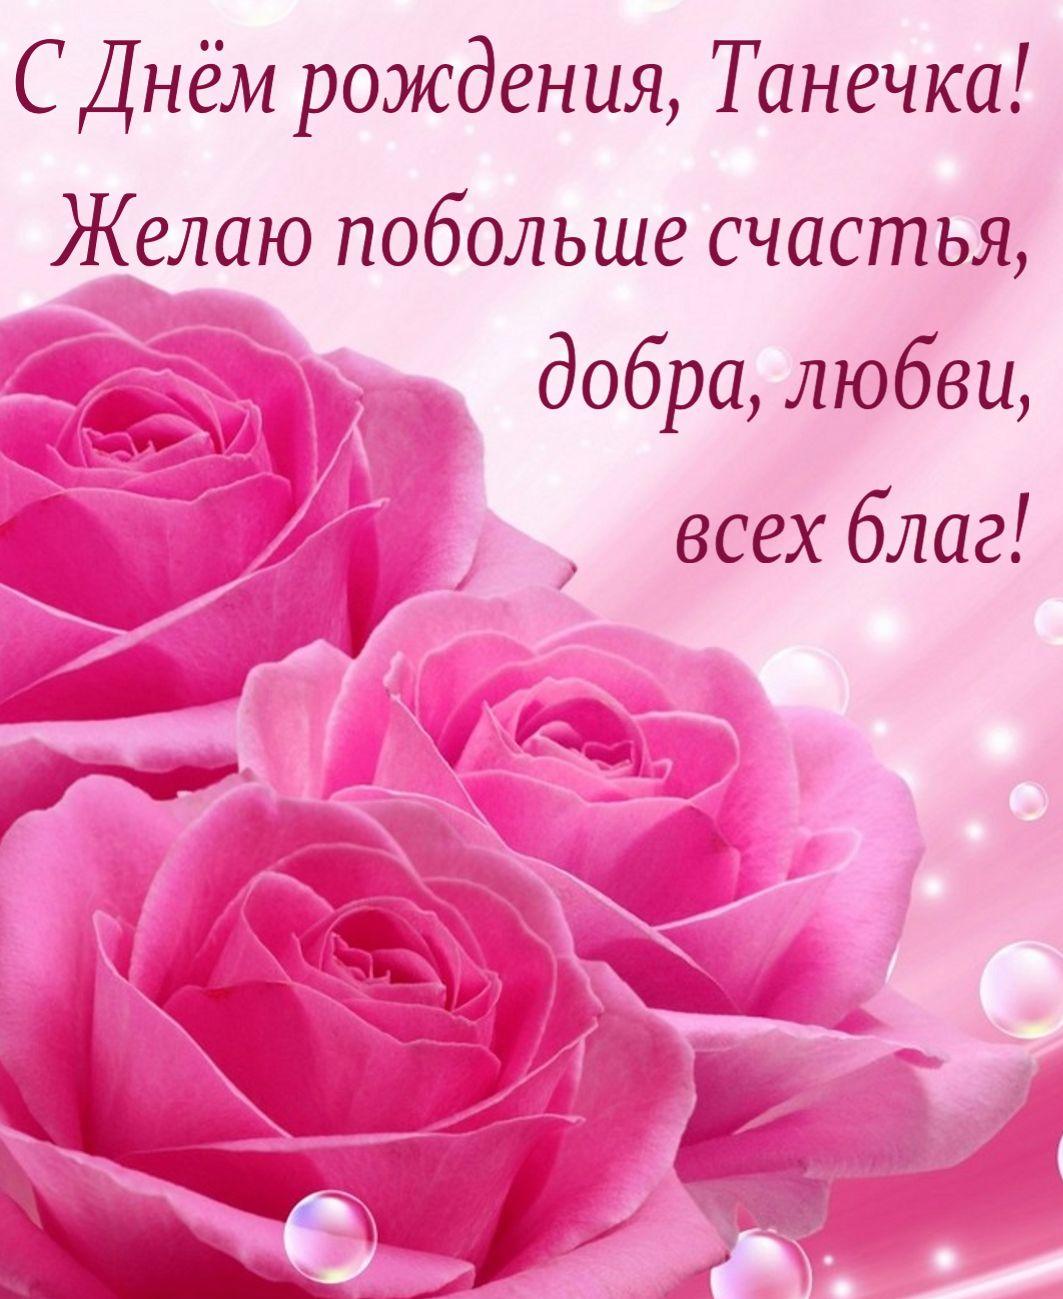 так стихи на юбилей с розами течением времени многие